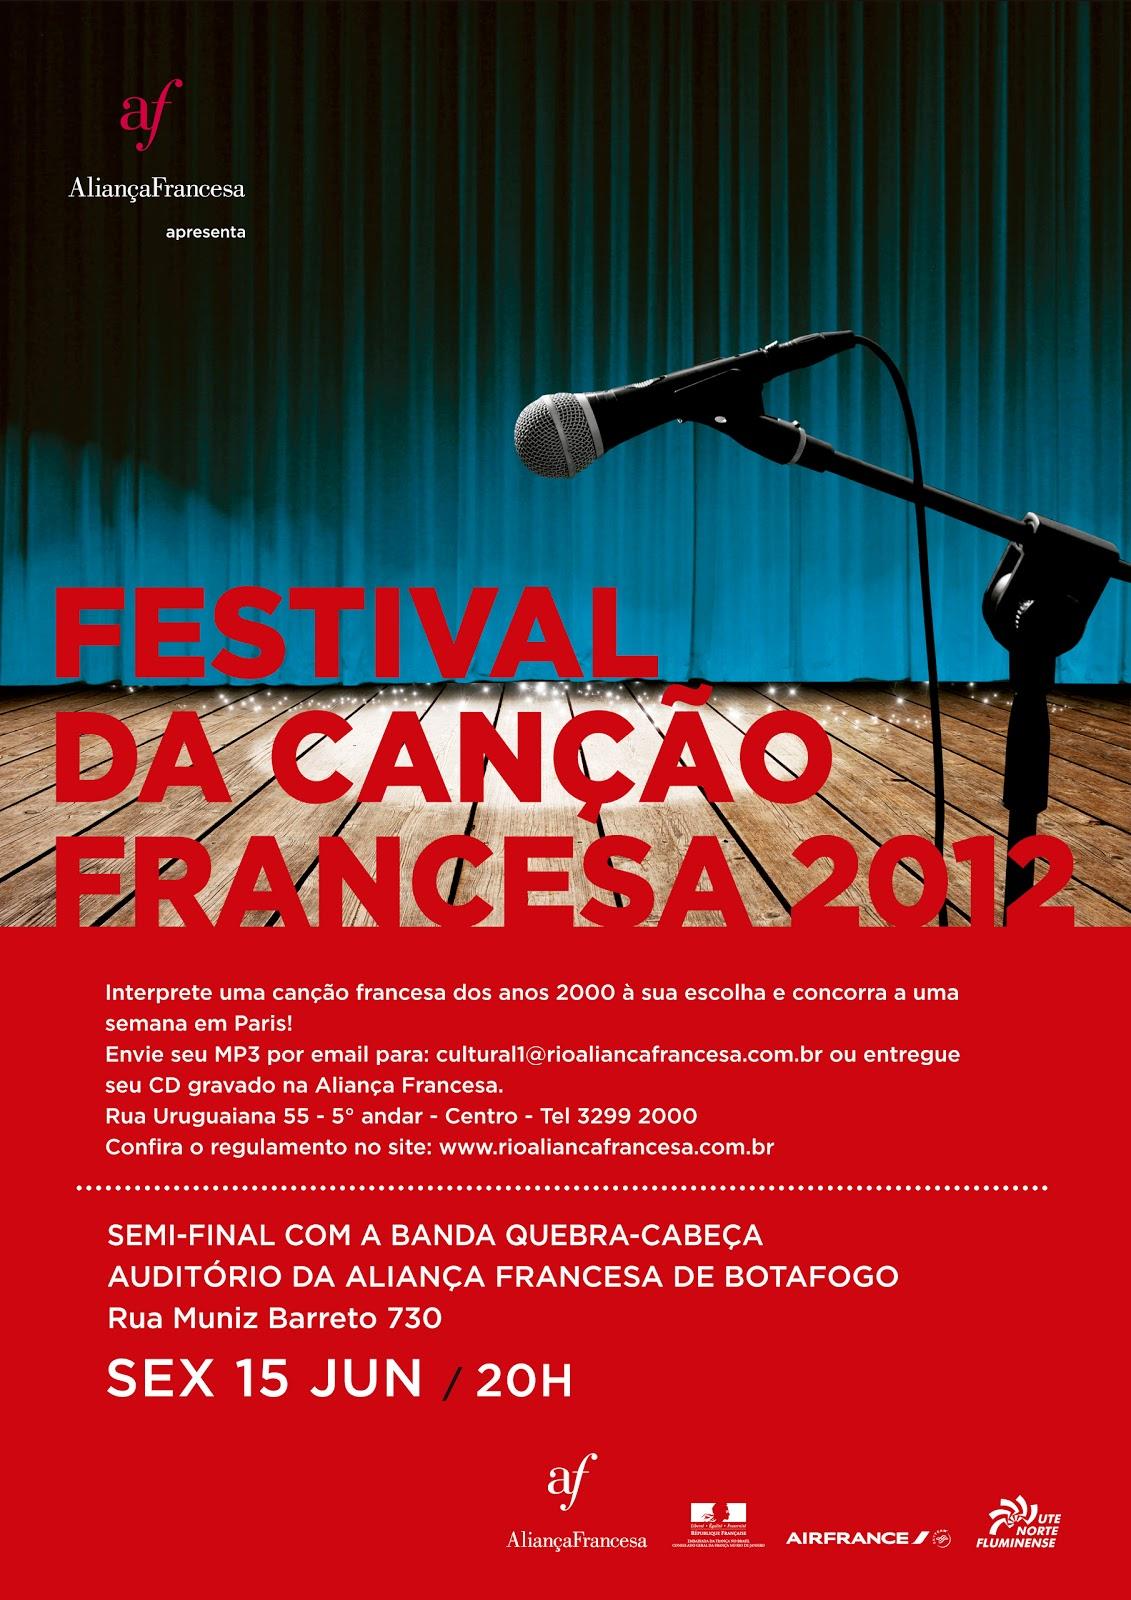 http://1.bp.blogspot.com/-Ba7ExMW8unQ/T6fK3hEmPnI/AAAAAAAACEM/5IDl84Vxdms/s1600/Festival+da+Can%C3%A7%C3%A3o+Francesa.jpg